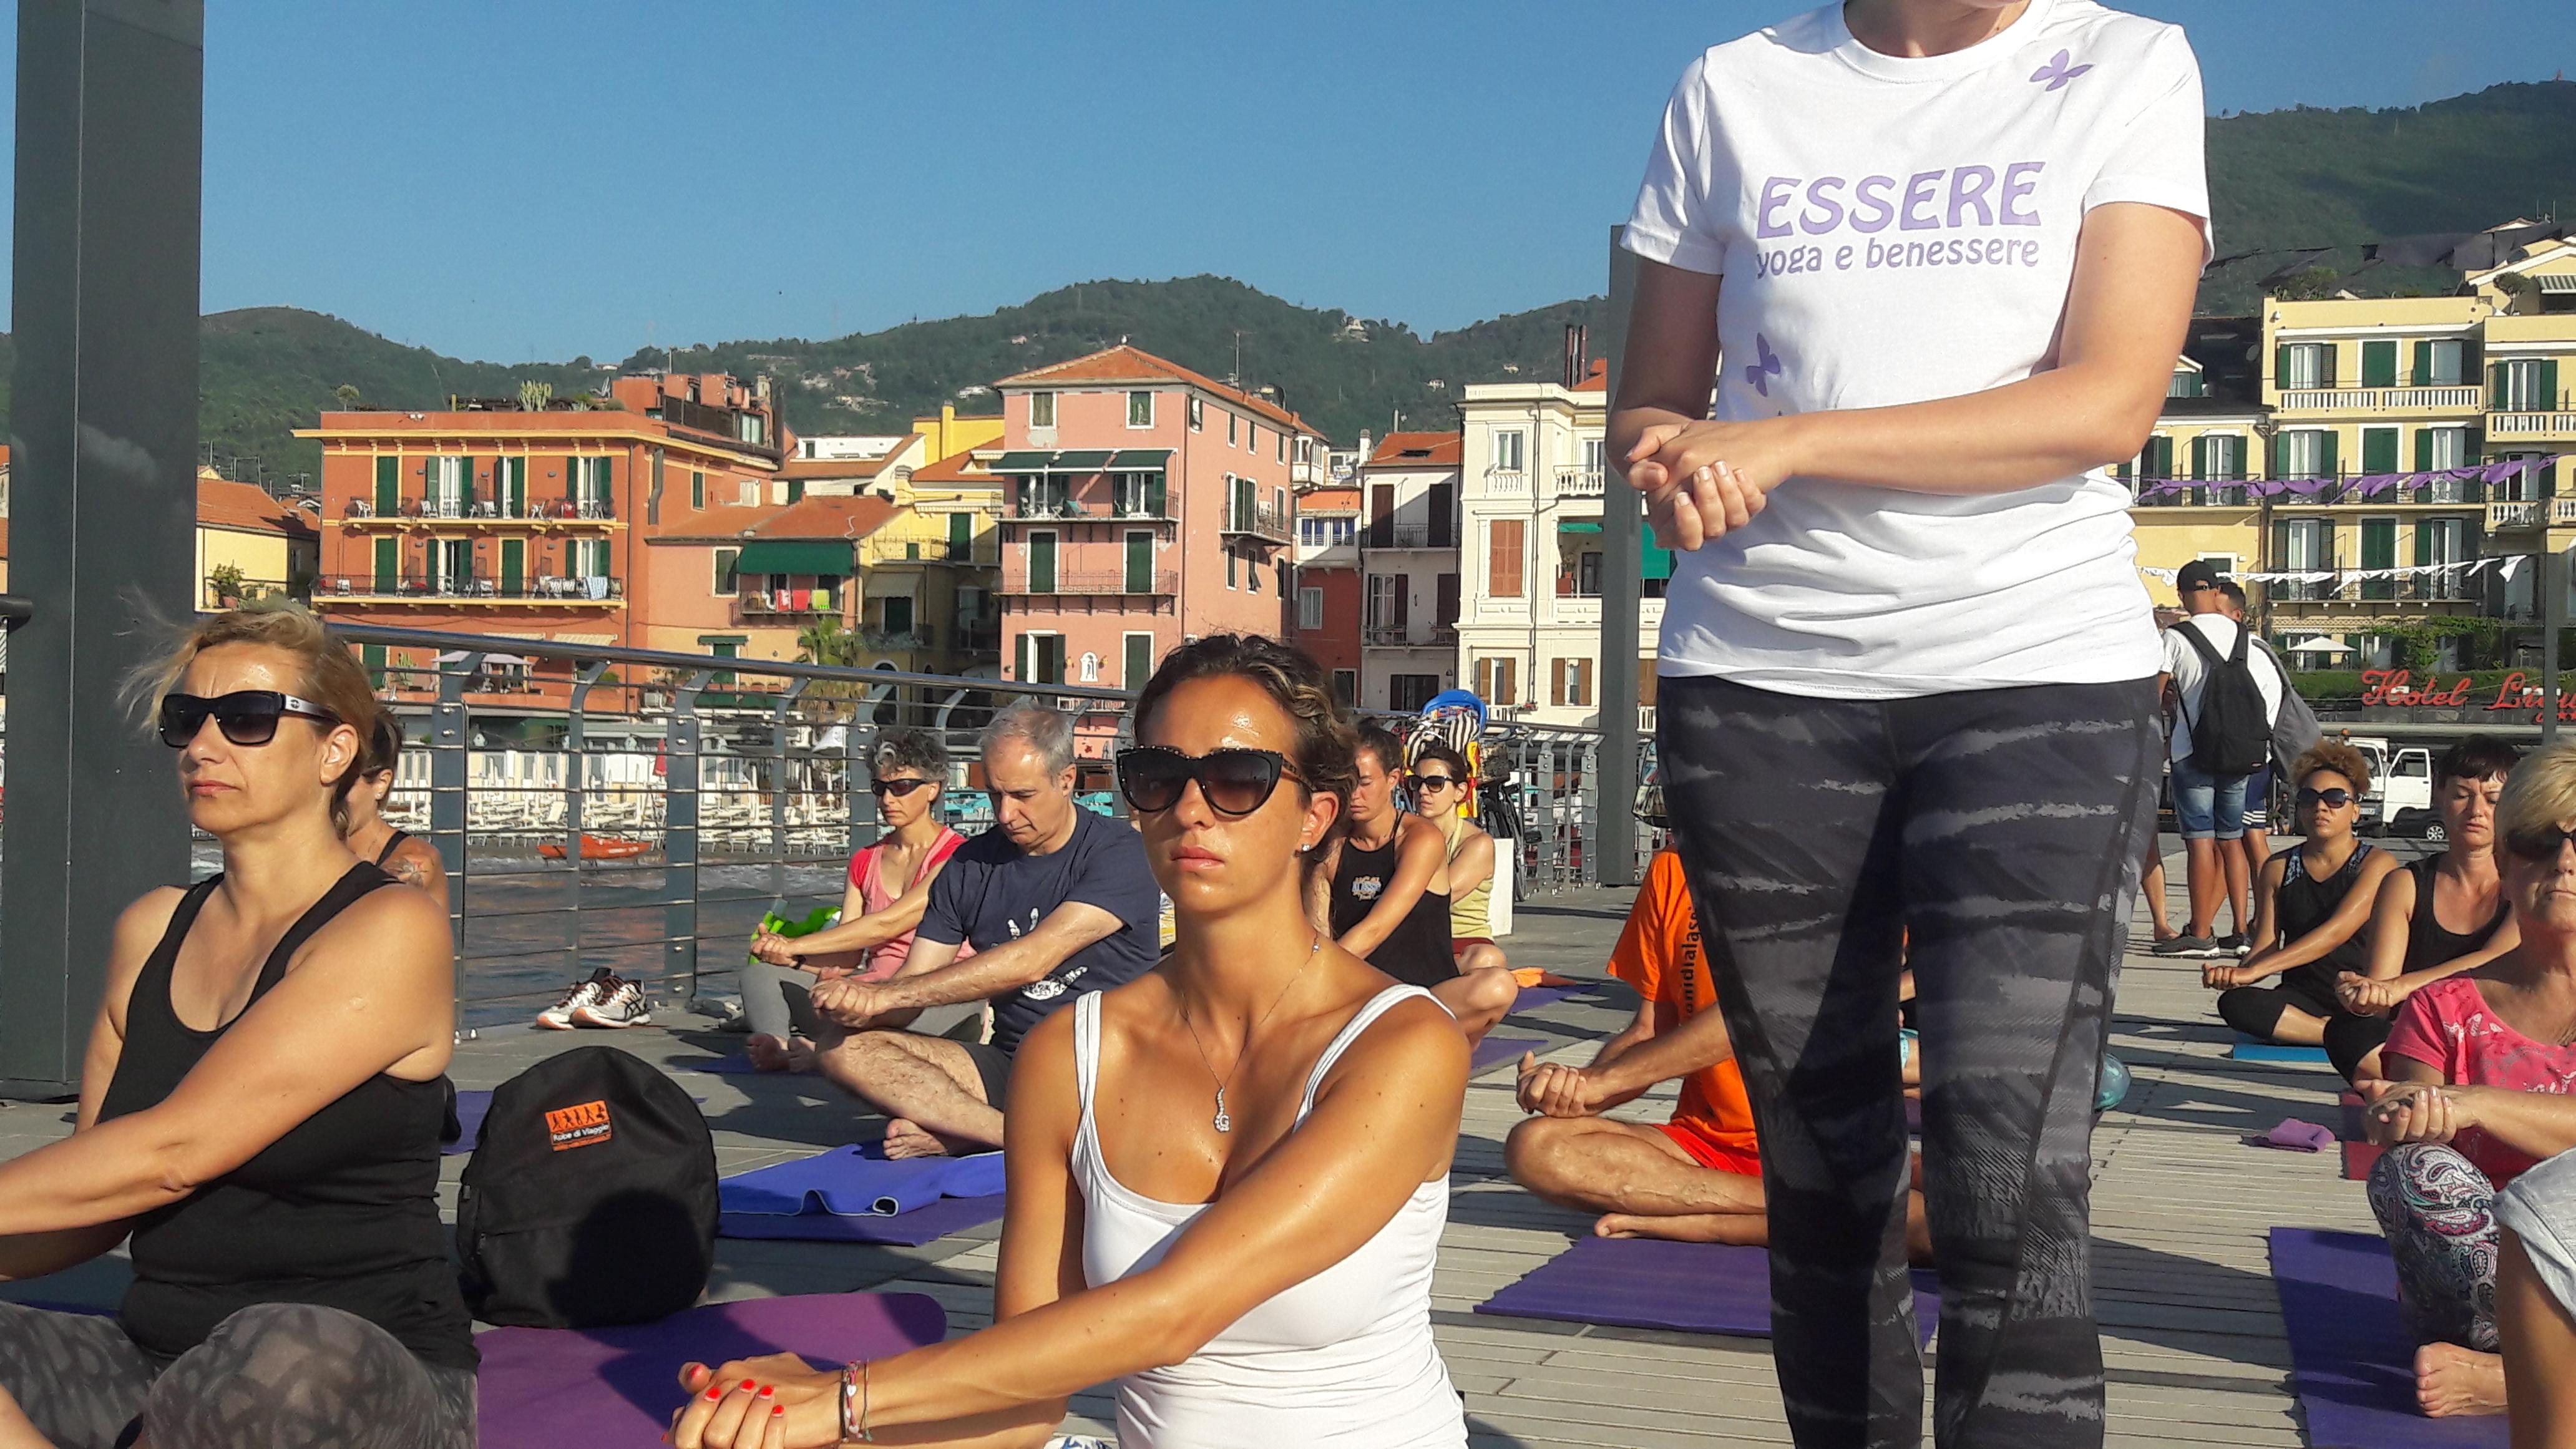 essere-free-yoga-gratuito-benessere-per-tutti-village-citta-alassio-estate-lucia-ragazzi-summer-town-wellness-044